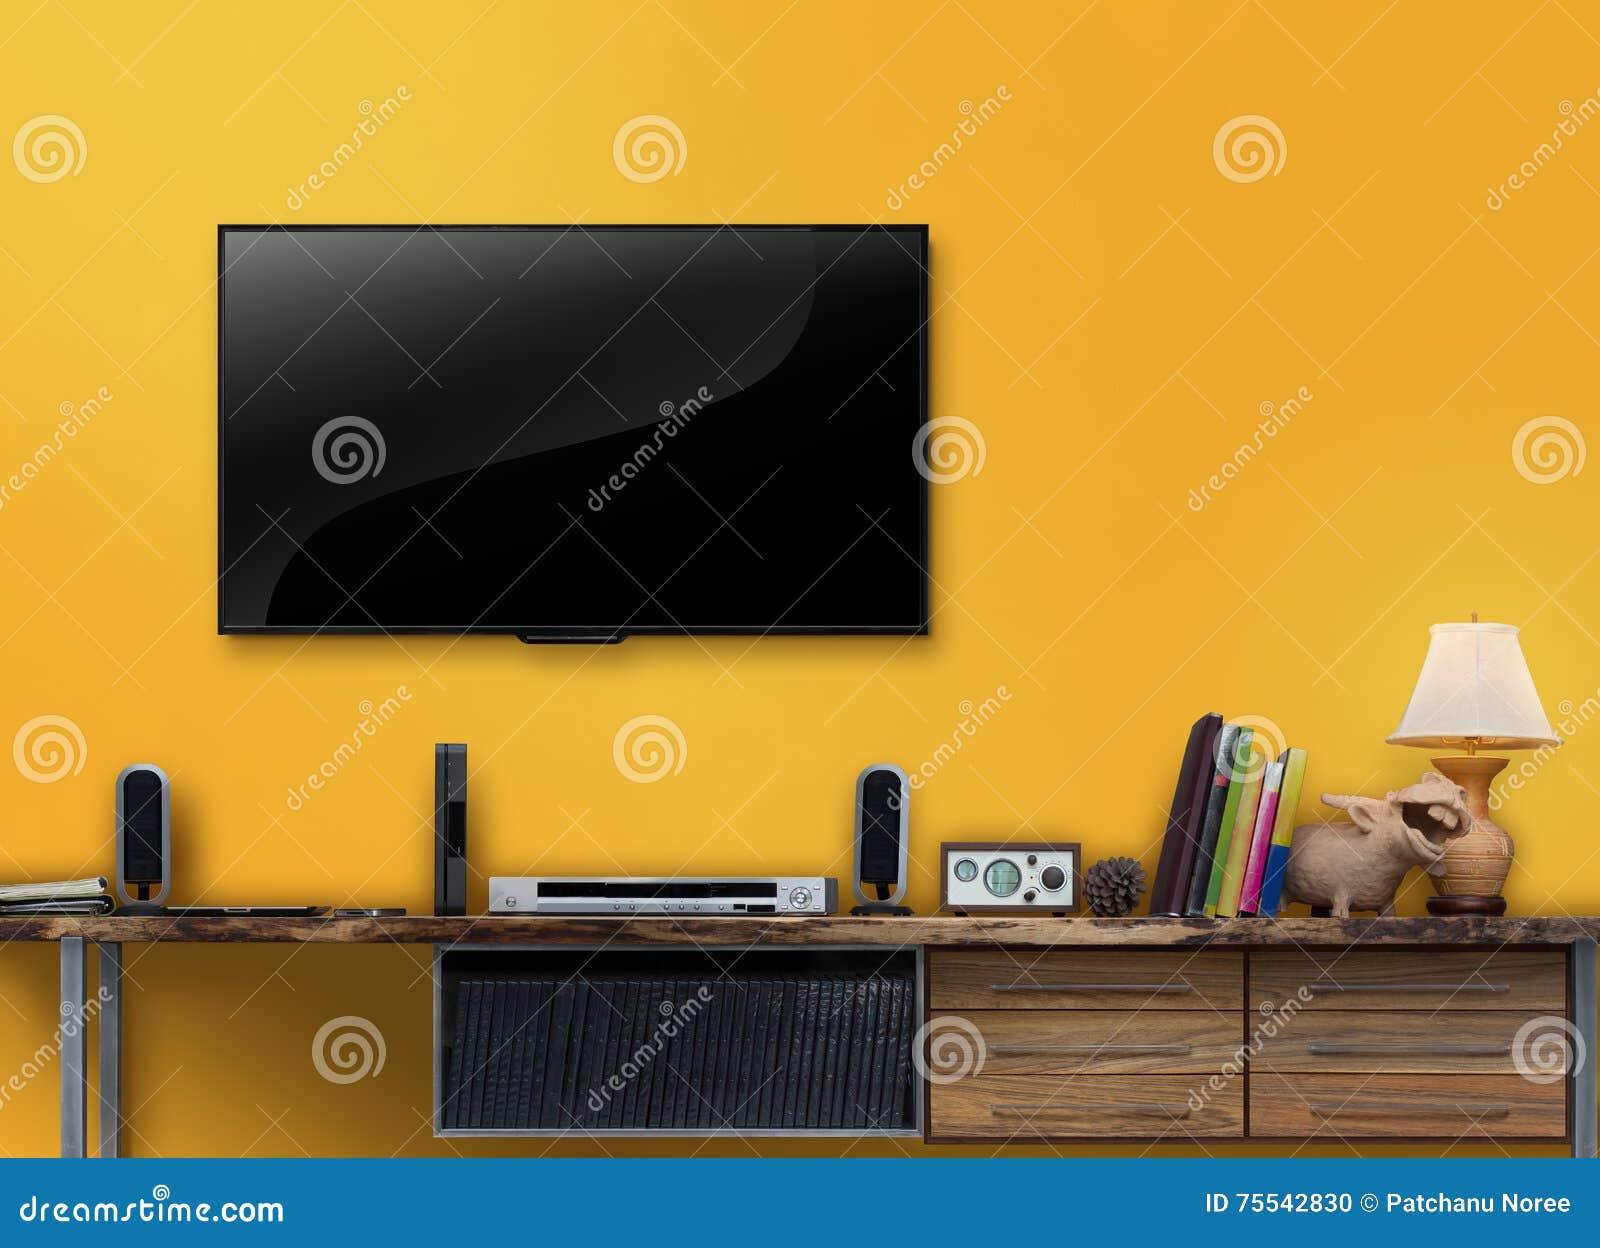 Tv In Muur : Custom moderne mode decoratieve schilderkunst foto muur behang